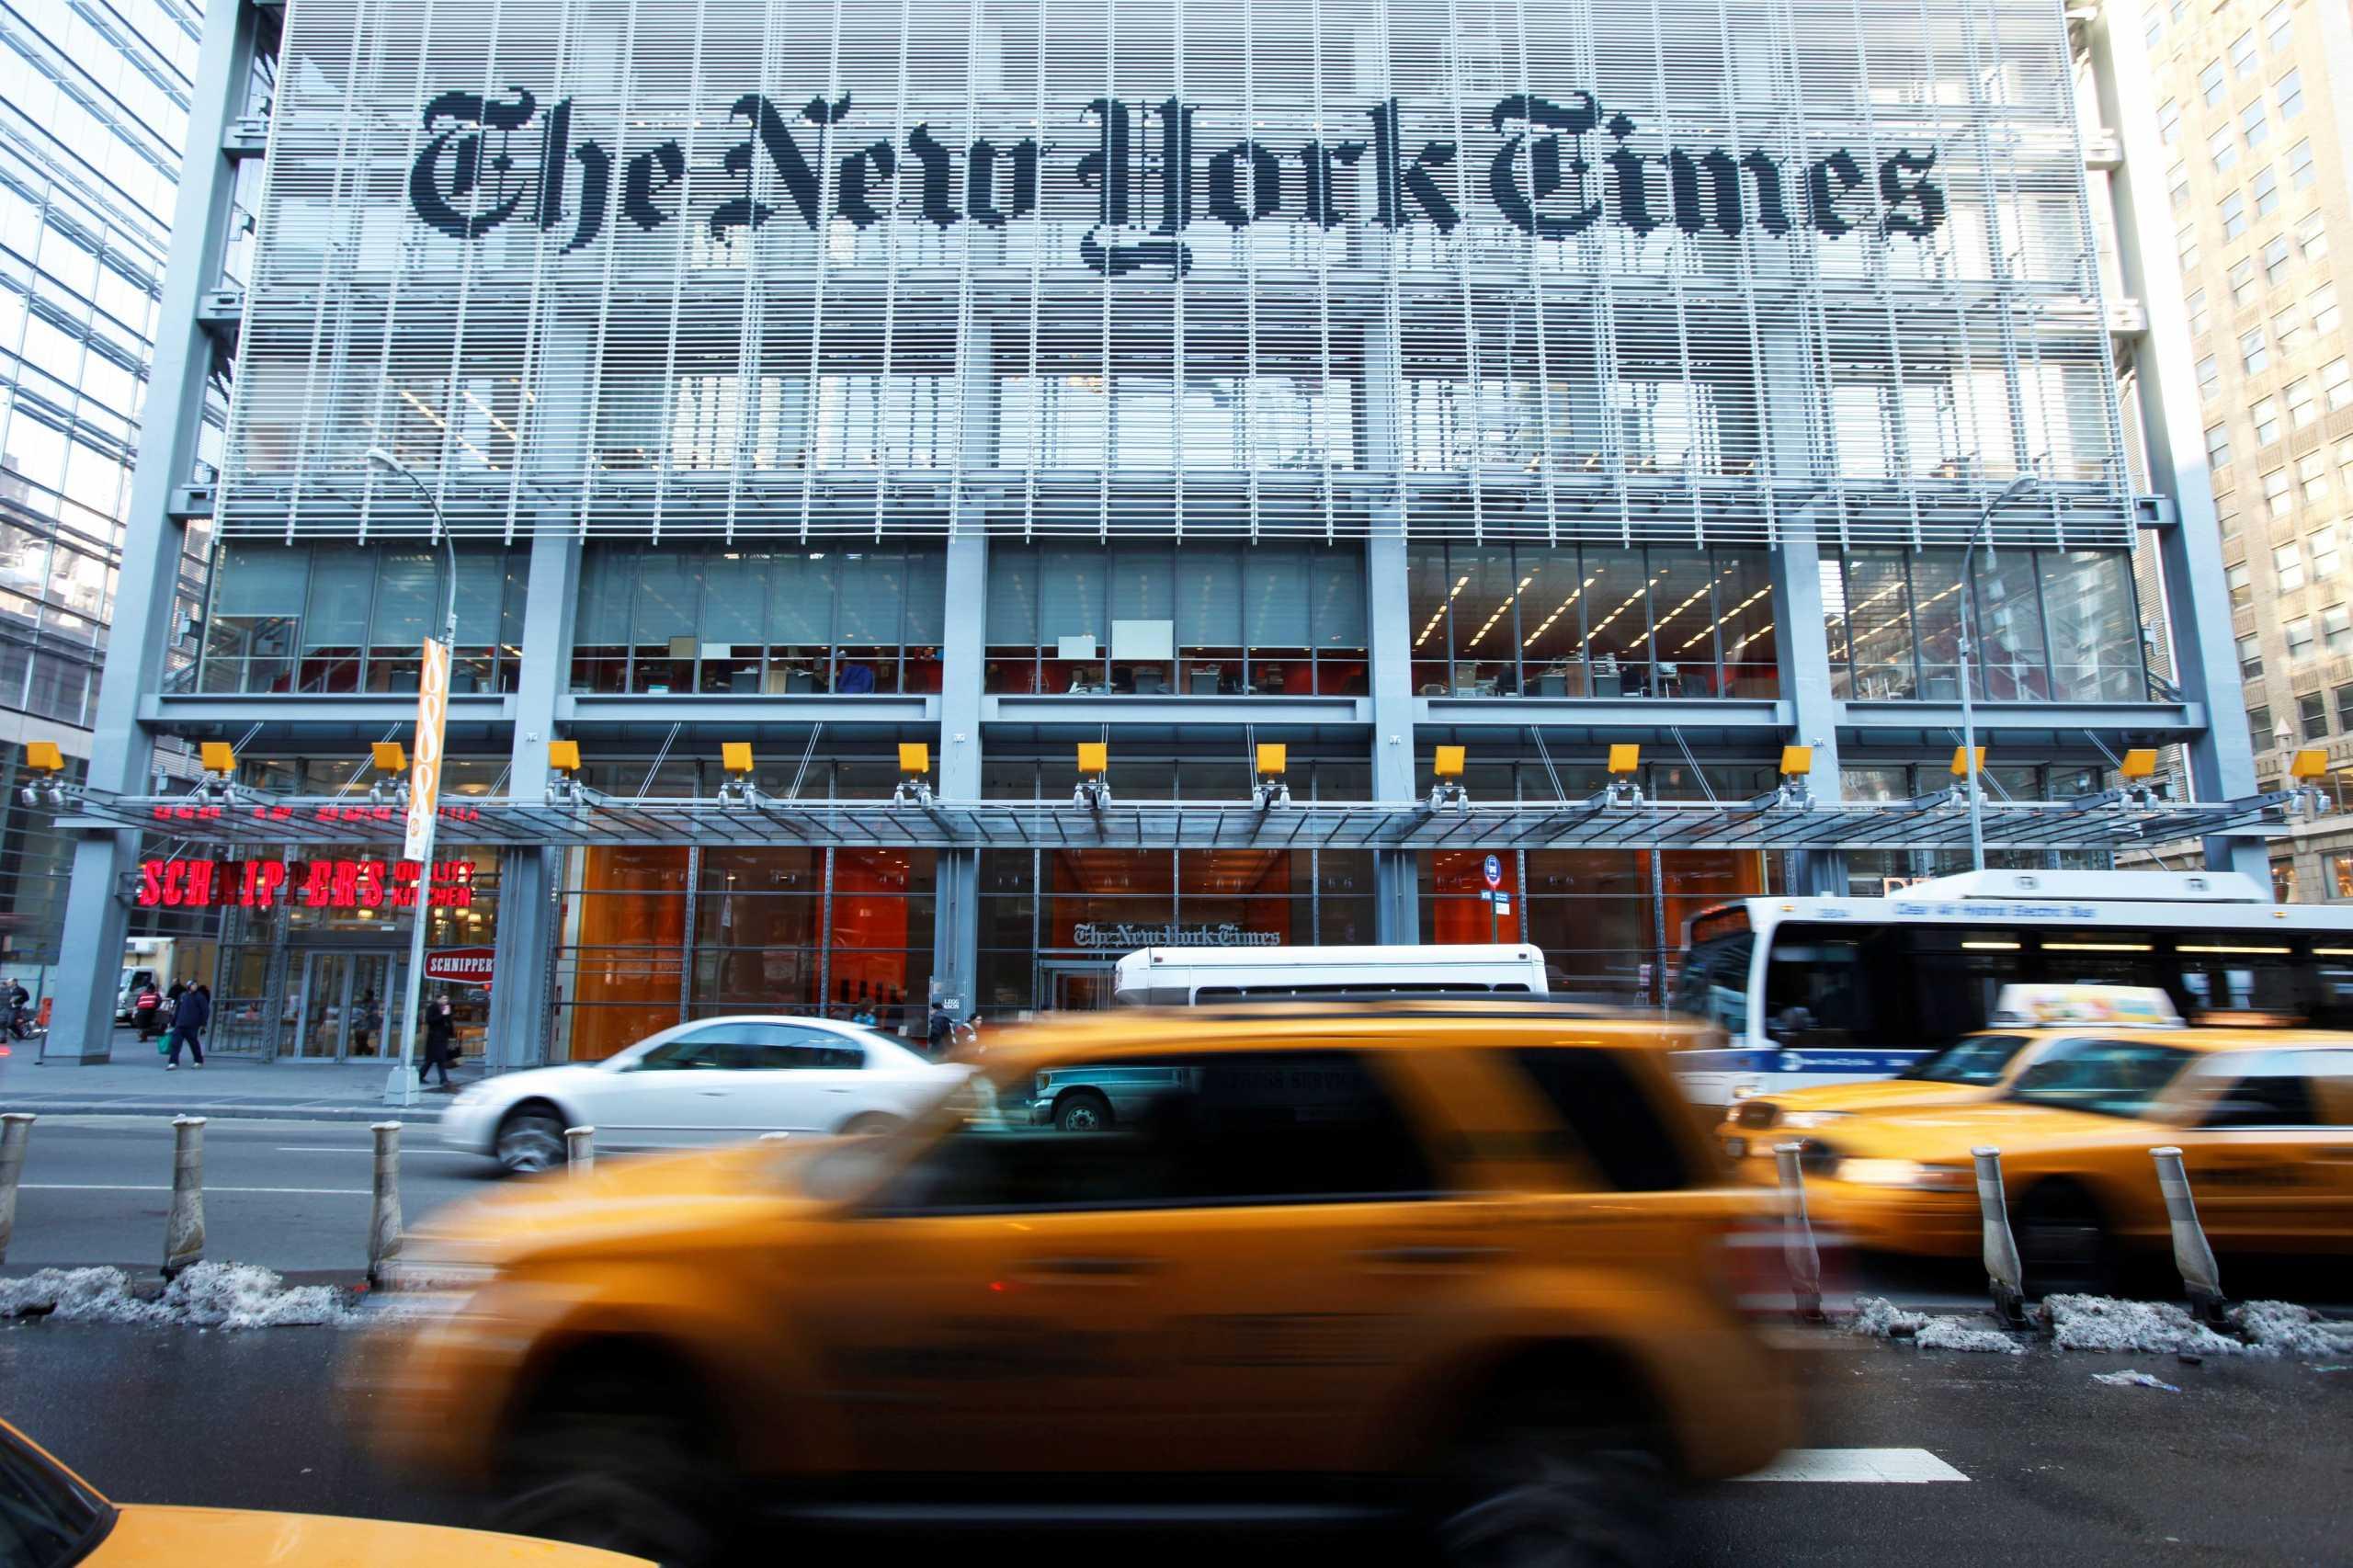 Παγκόσμιος συναγερμός: «Έπεσαν» μεγάλες ενημερωτικές ιστοσελίδες